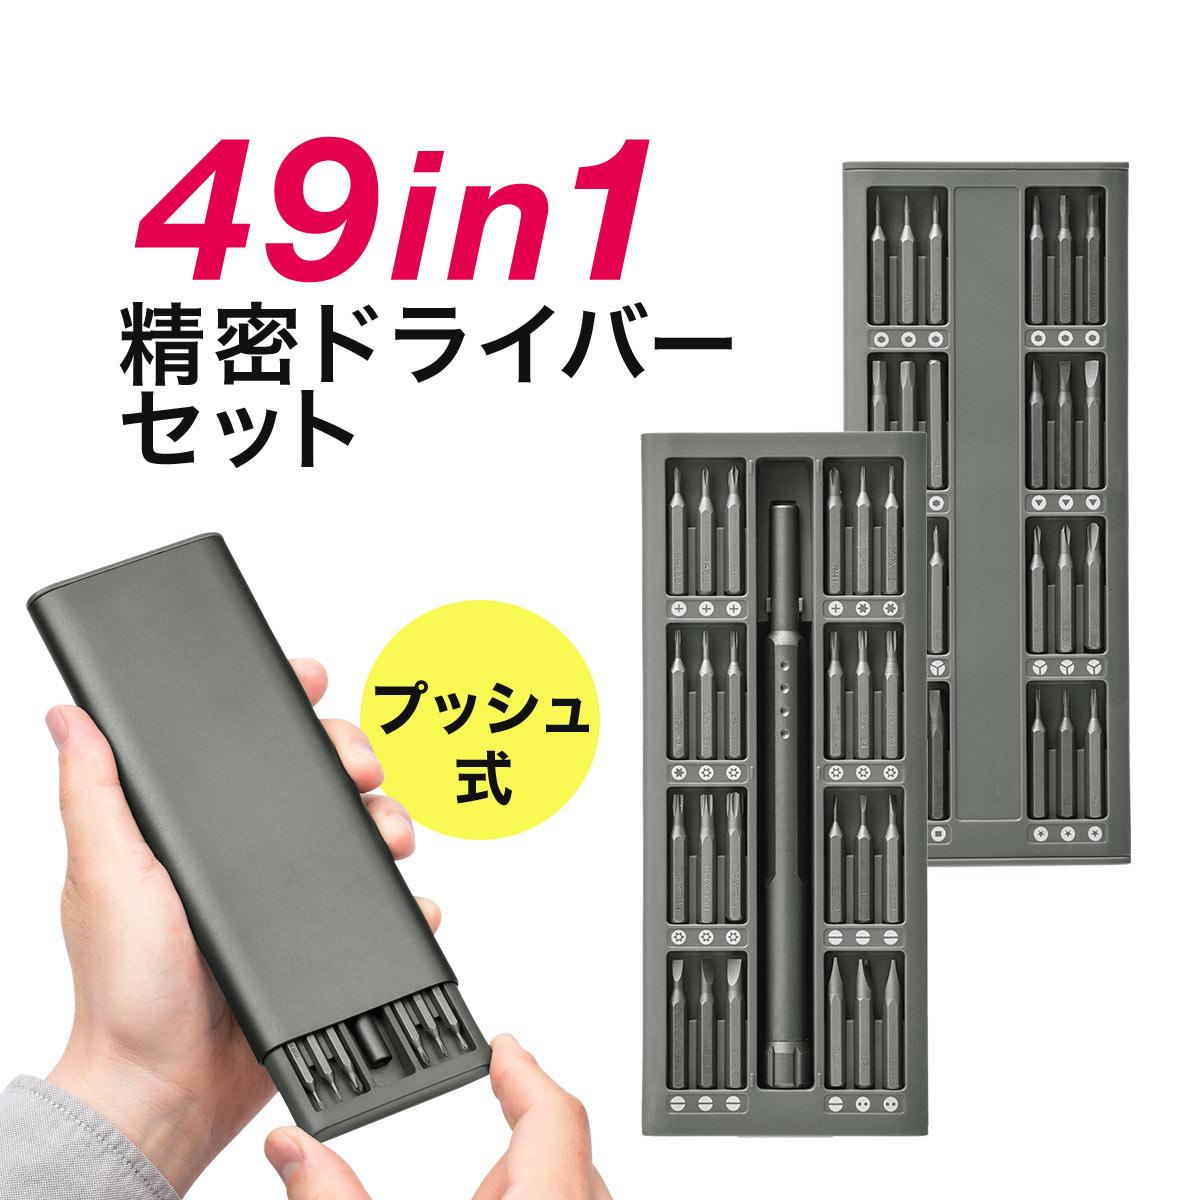 ドライバーセット 49in1 ドライバー 精密 スライド式収納ケース 工具[800-TK038]【サンワダイレクト限定品】